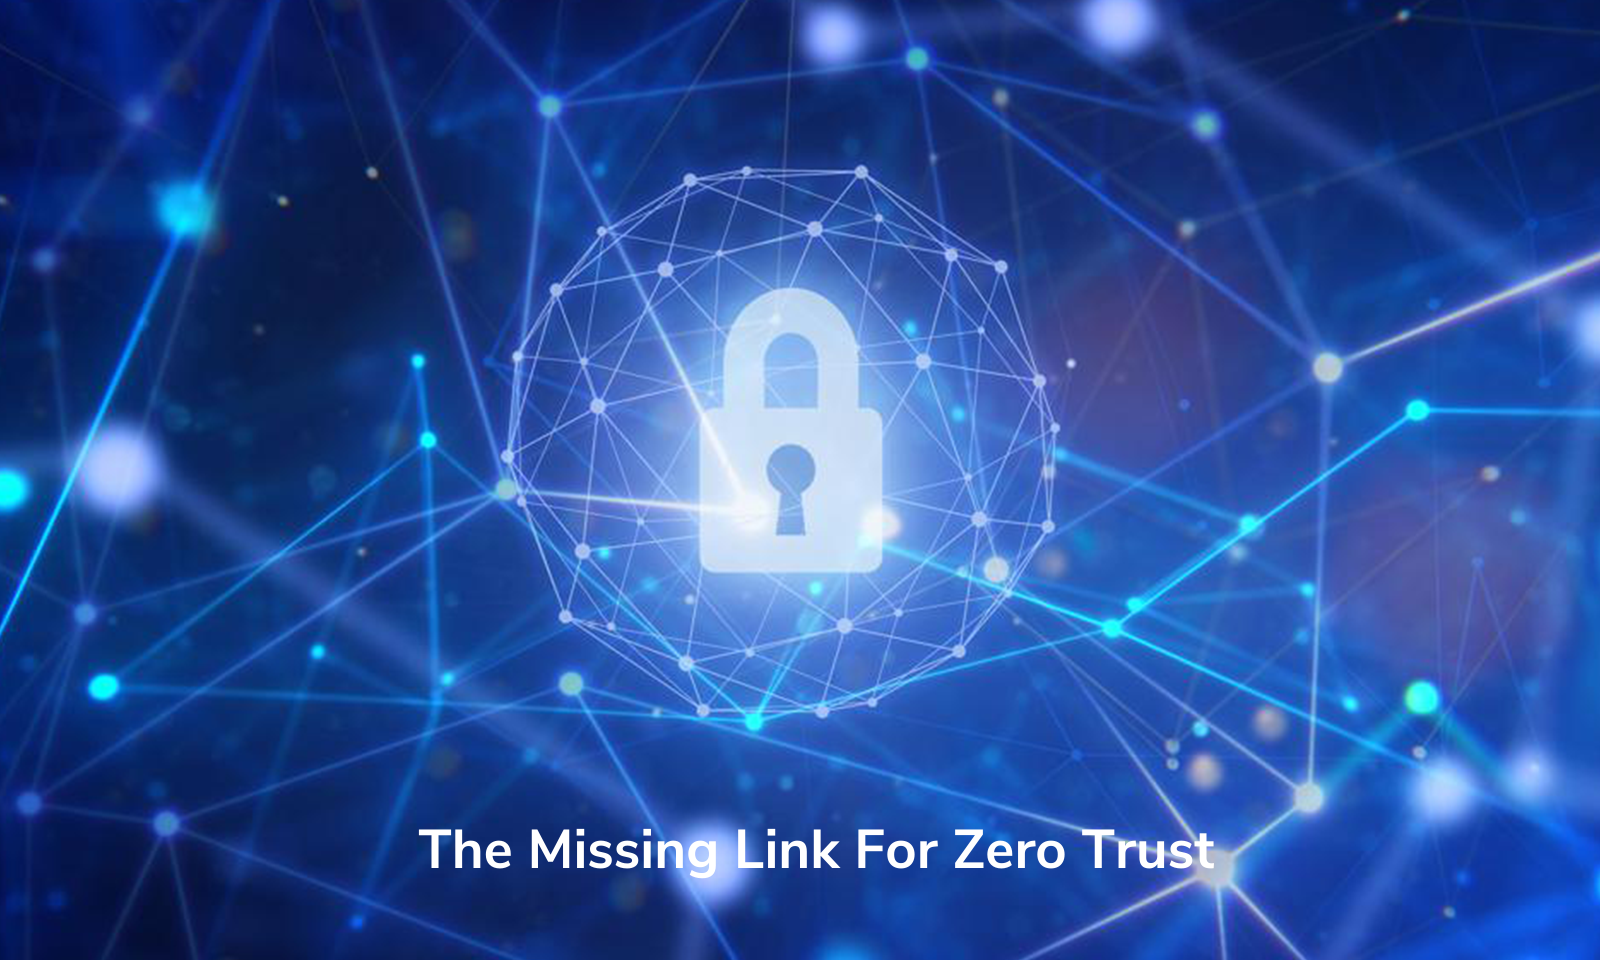 O elo perdido para confiança zero